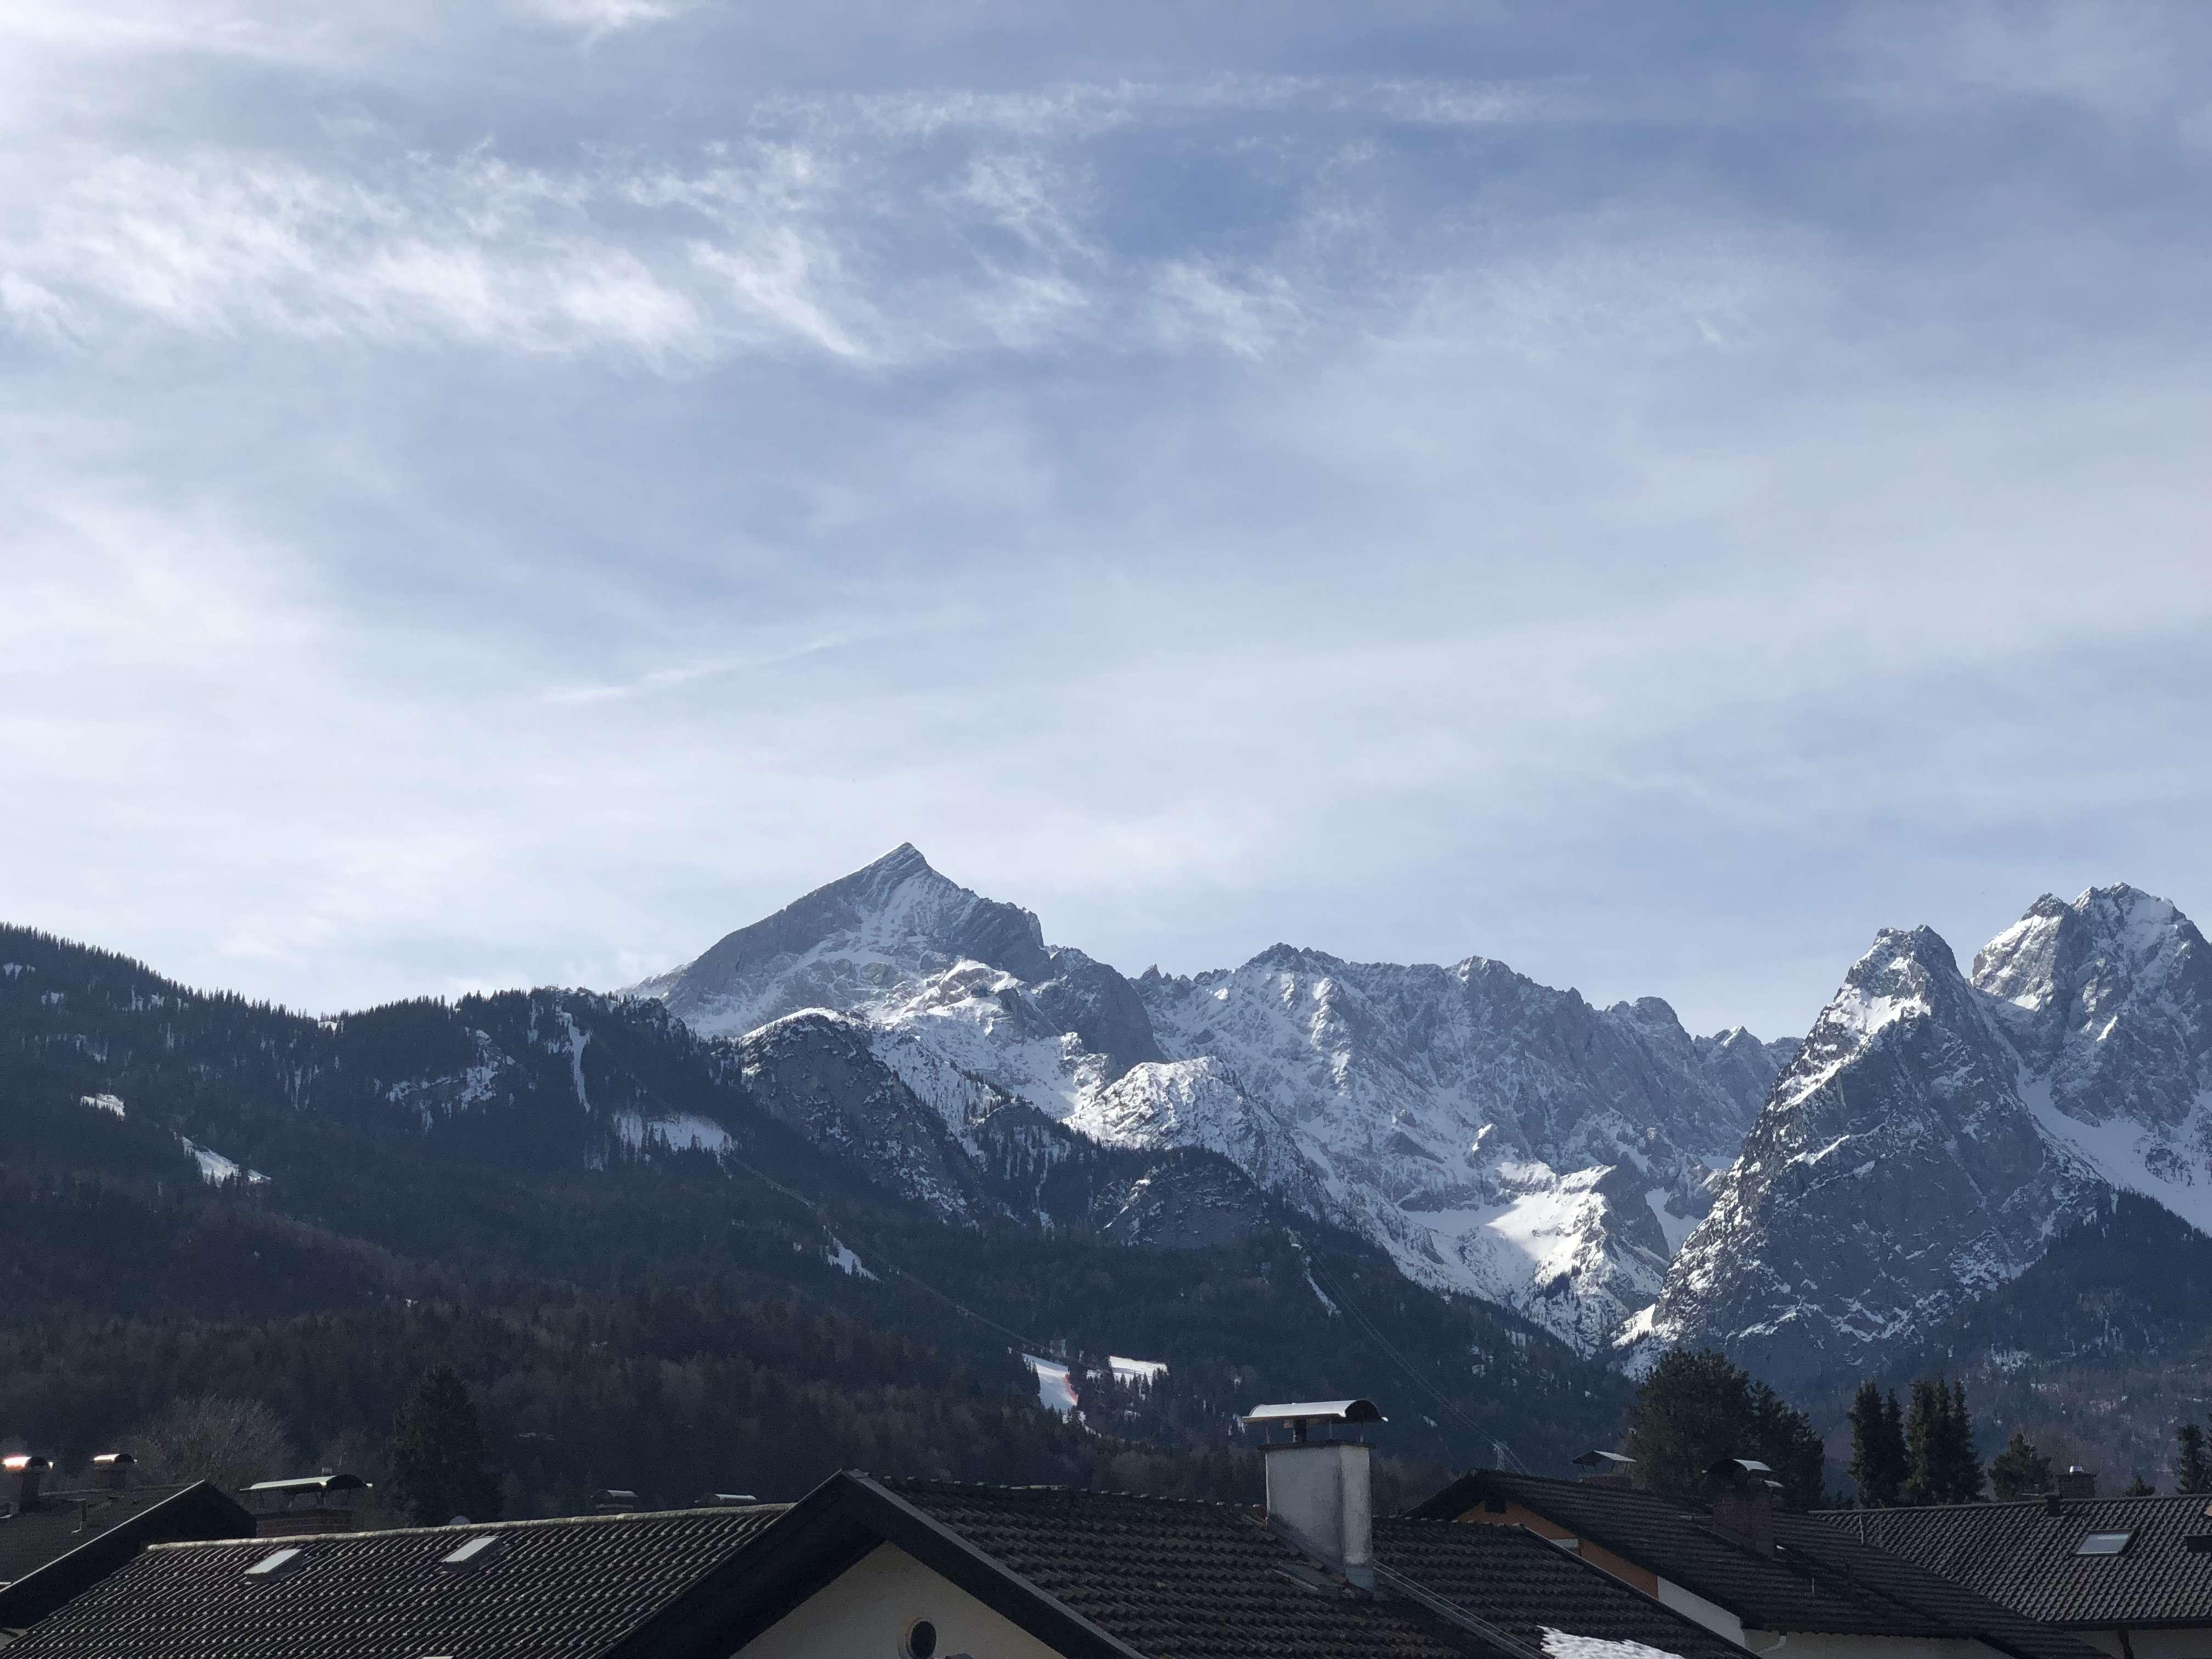 Gepflegtes 1-Zimmer-Appartment in zentraler Lage mit tollem Bergblick in Garmisch-Partenkirchen in